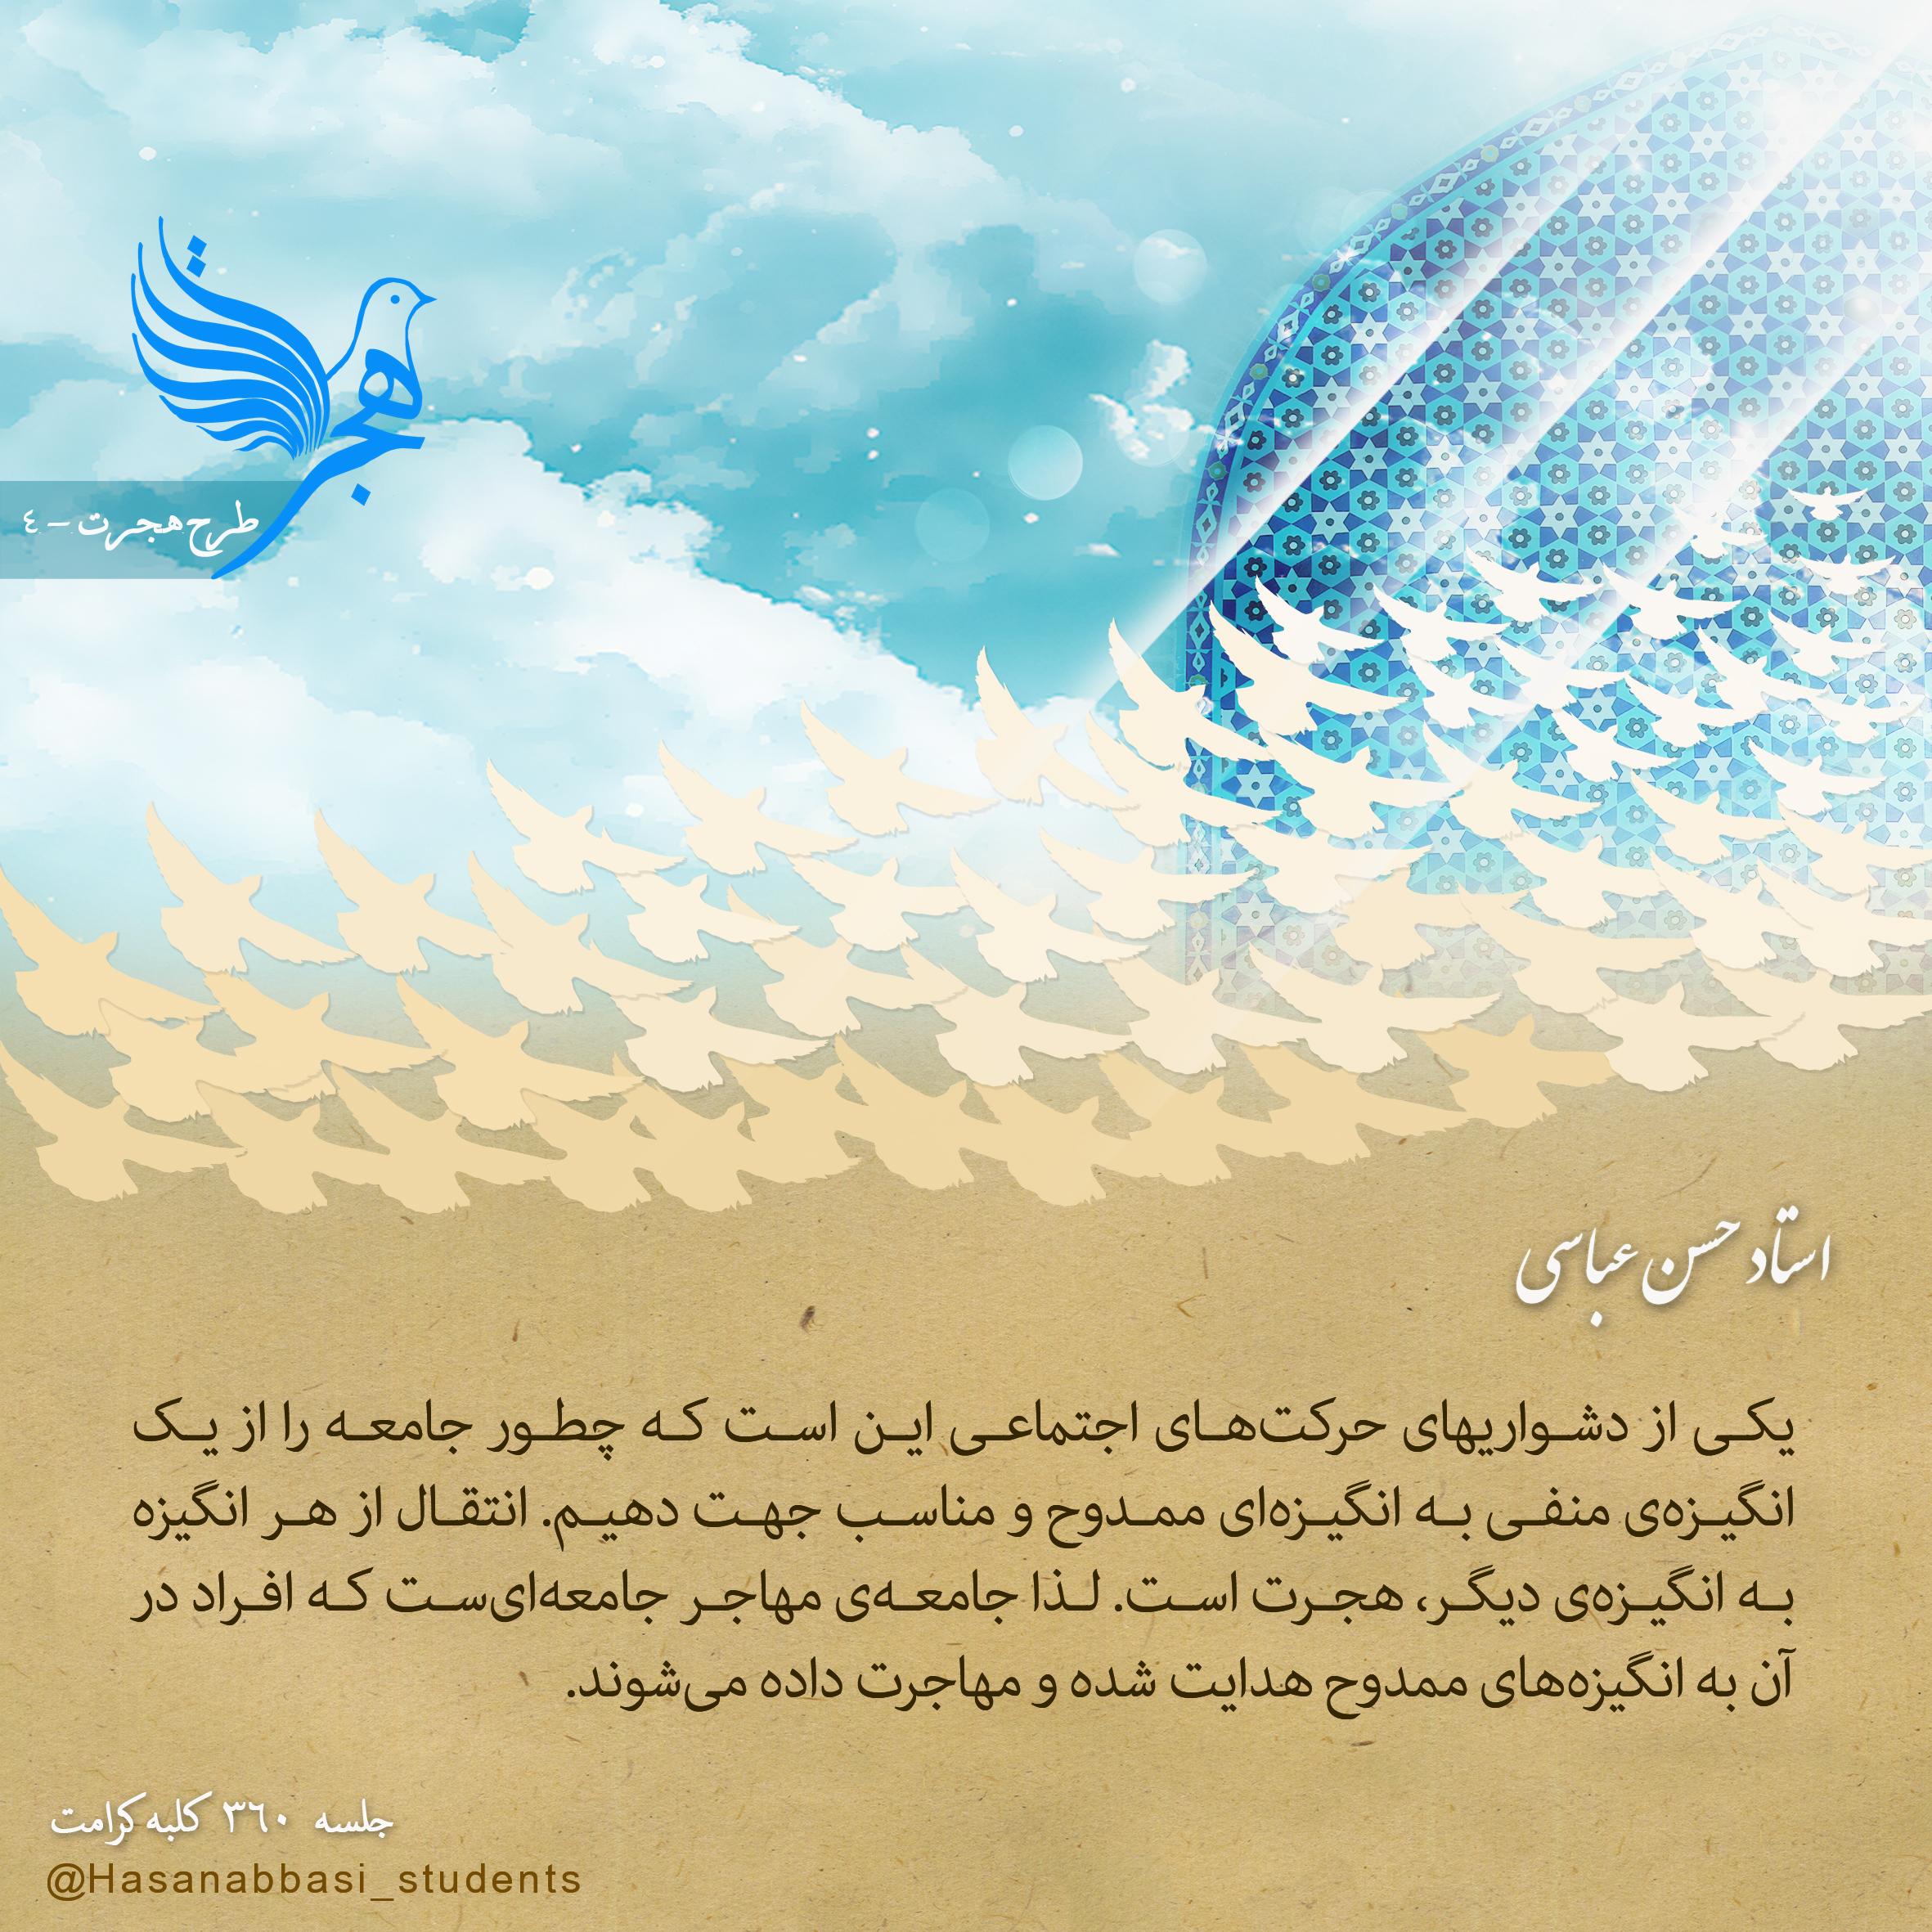 طرح هجرت 4 - «انَّ الَّذِینَ آمَنُوا وَ الَّذِینَ هاجَرُوا وَ جاهَدُوا فِی سَبِیلِ اللَّهِ أُولئِکَ یَرْجُونَ رَحْمَتَ اللَّهِ...»